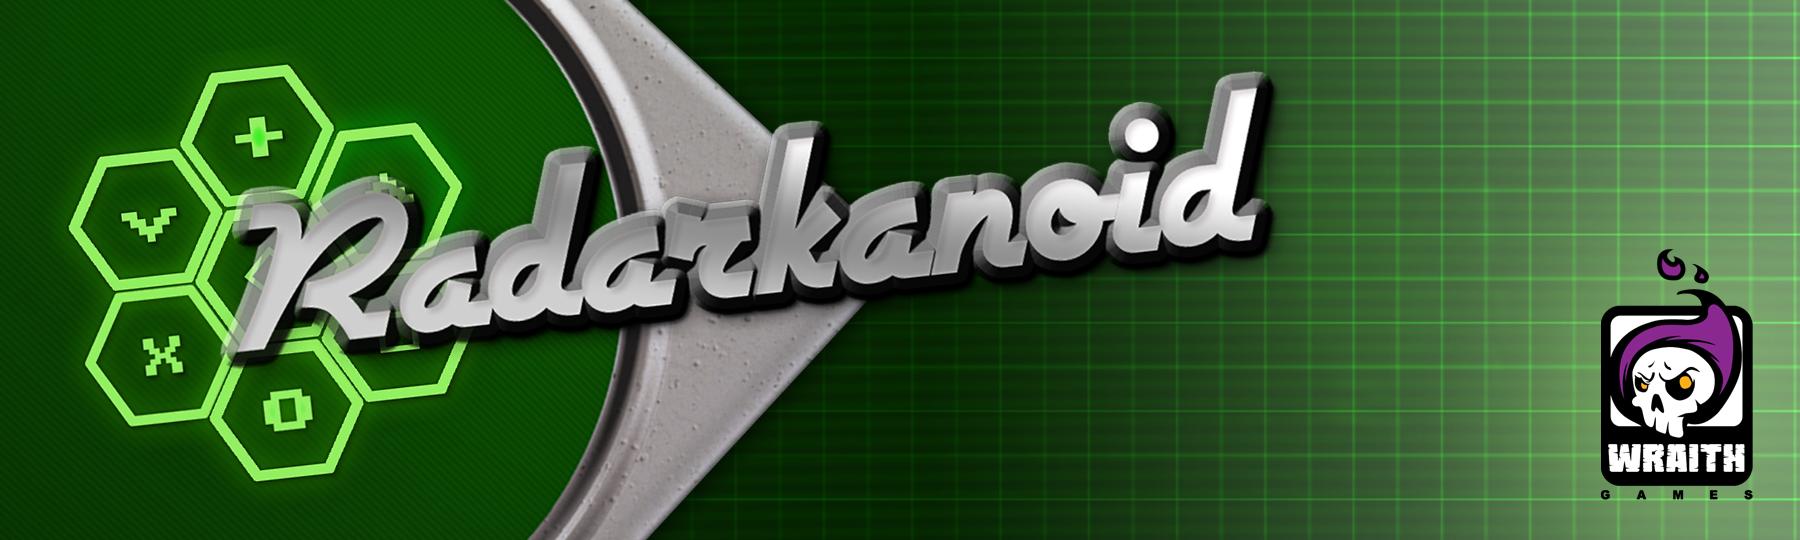 Radarkanoid